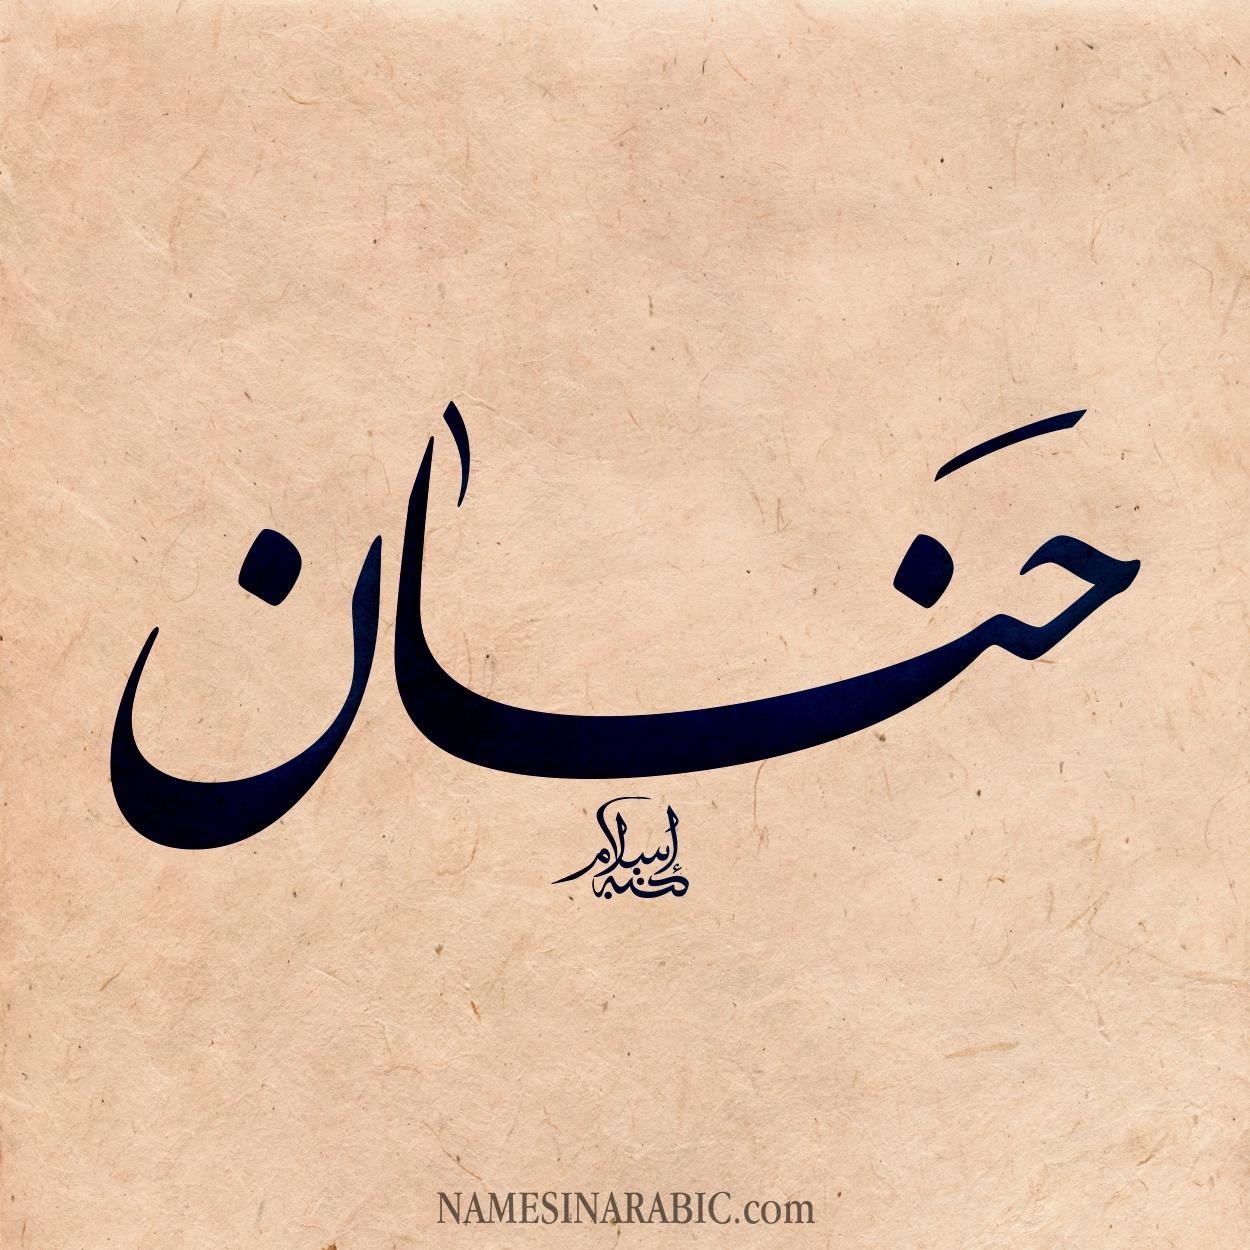 اسم حنان معنى اسم حنان HNAN | قاموس الأسماء و المعاني